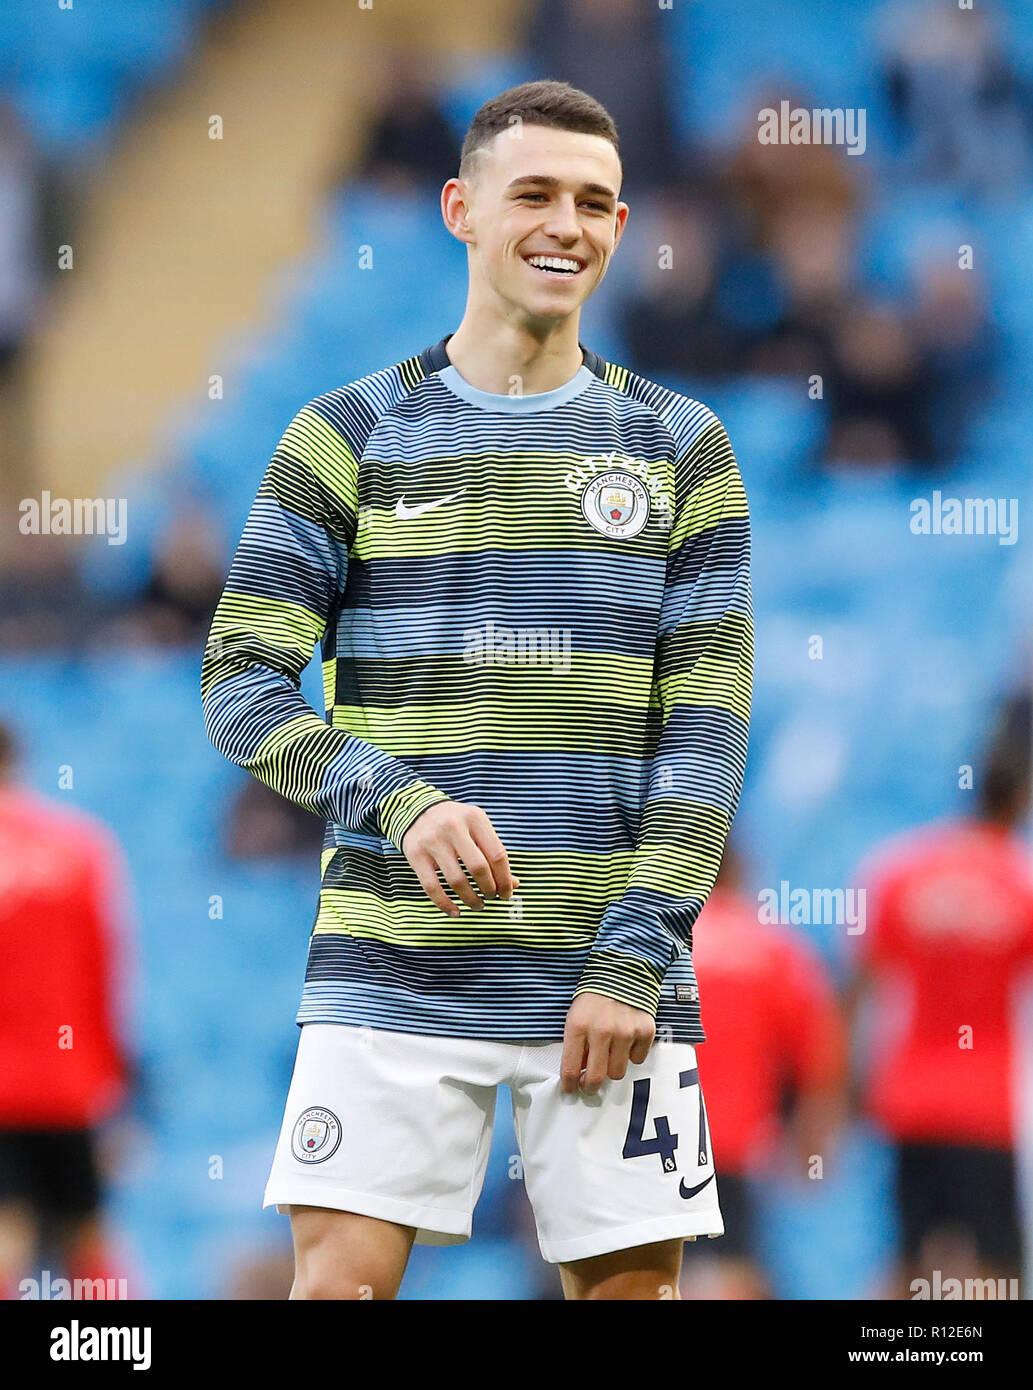 Von Manchester City Phil Foden Stockfotografie - Alamy